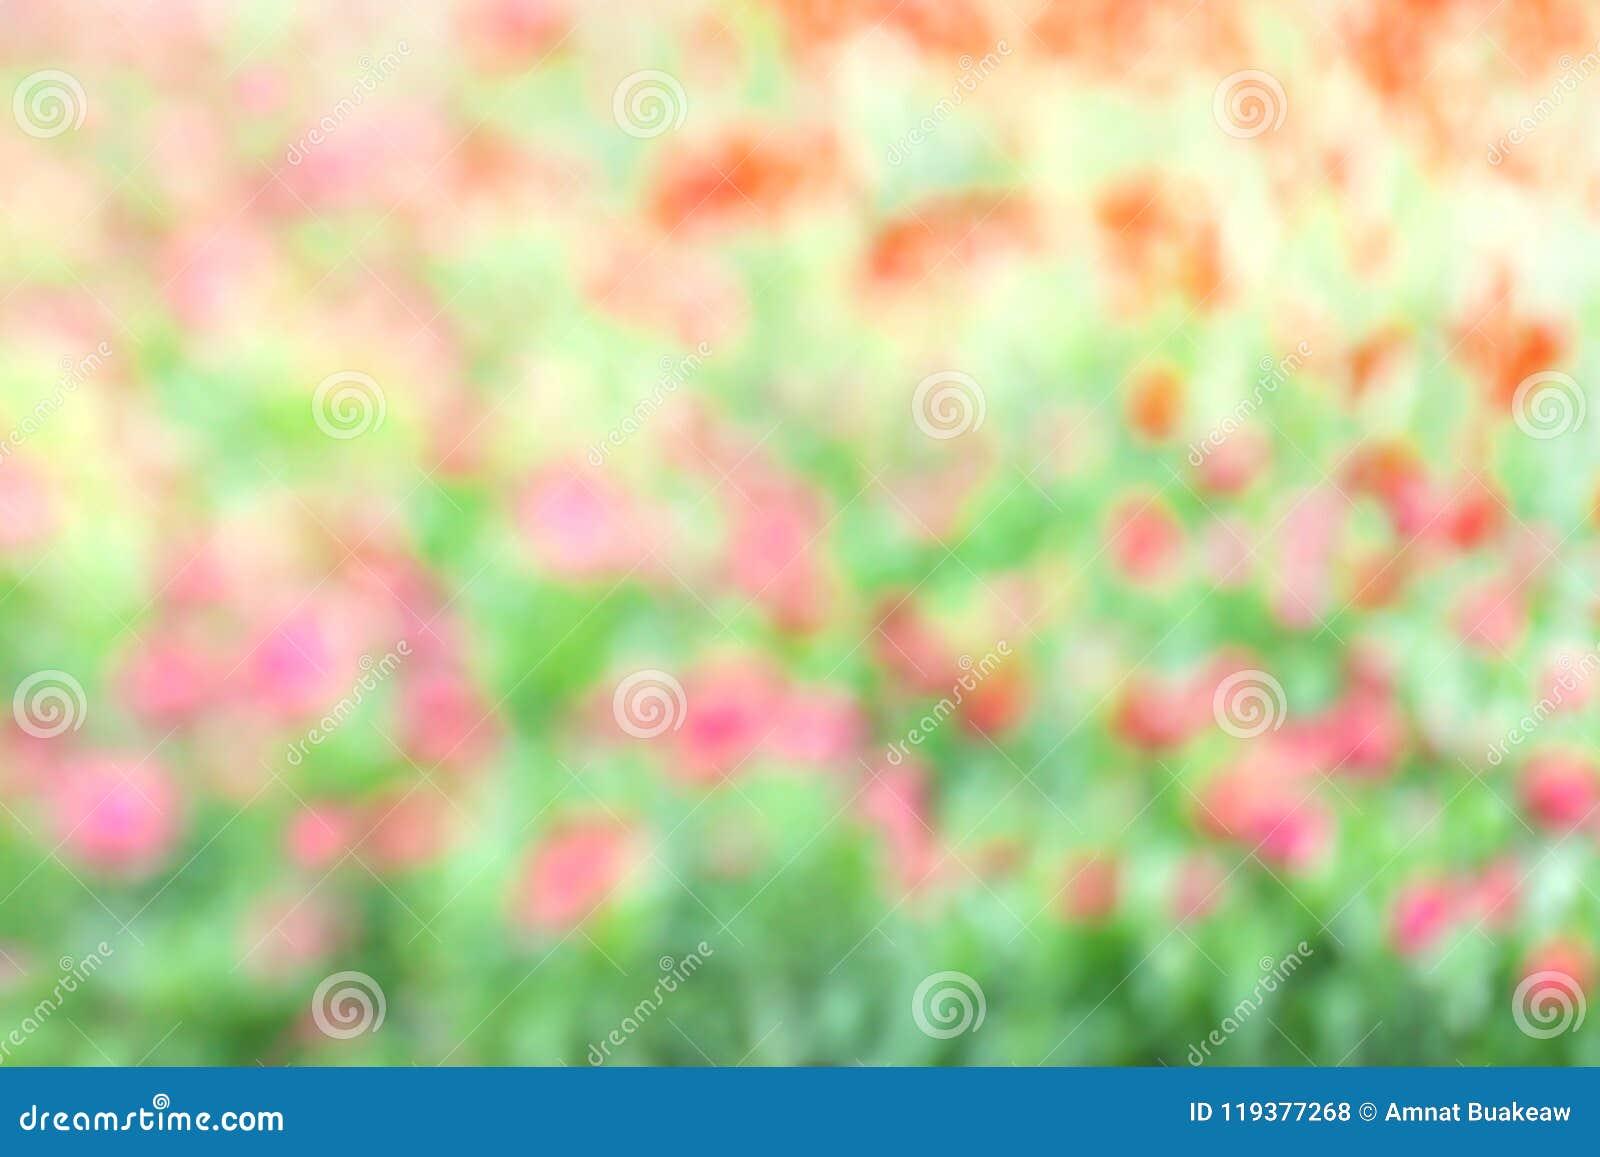 被弄脏的花桃红色绿色软性在庭院背景中